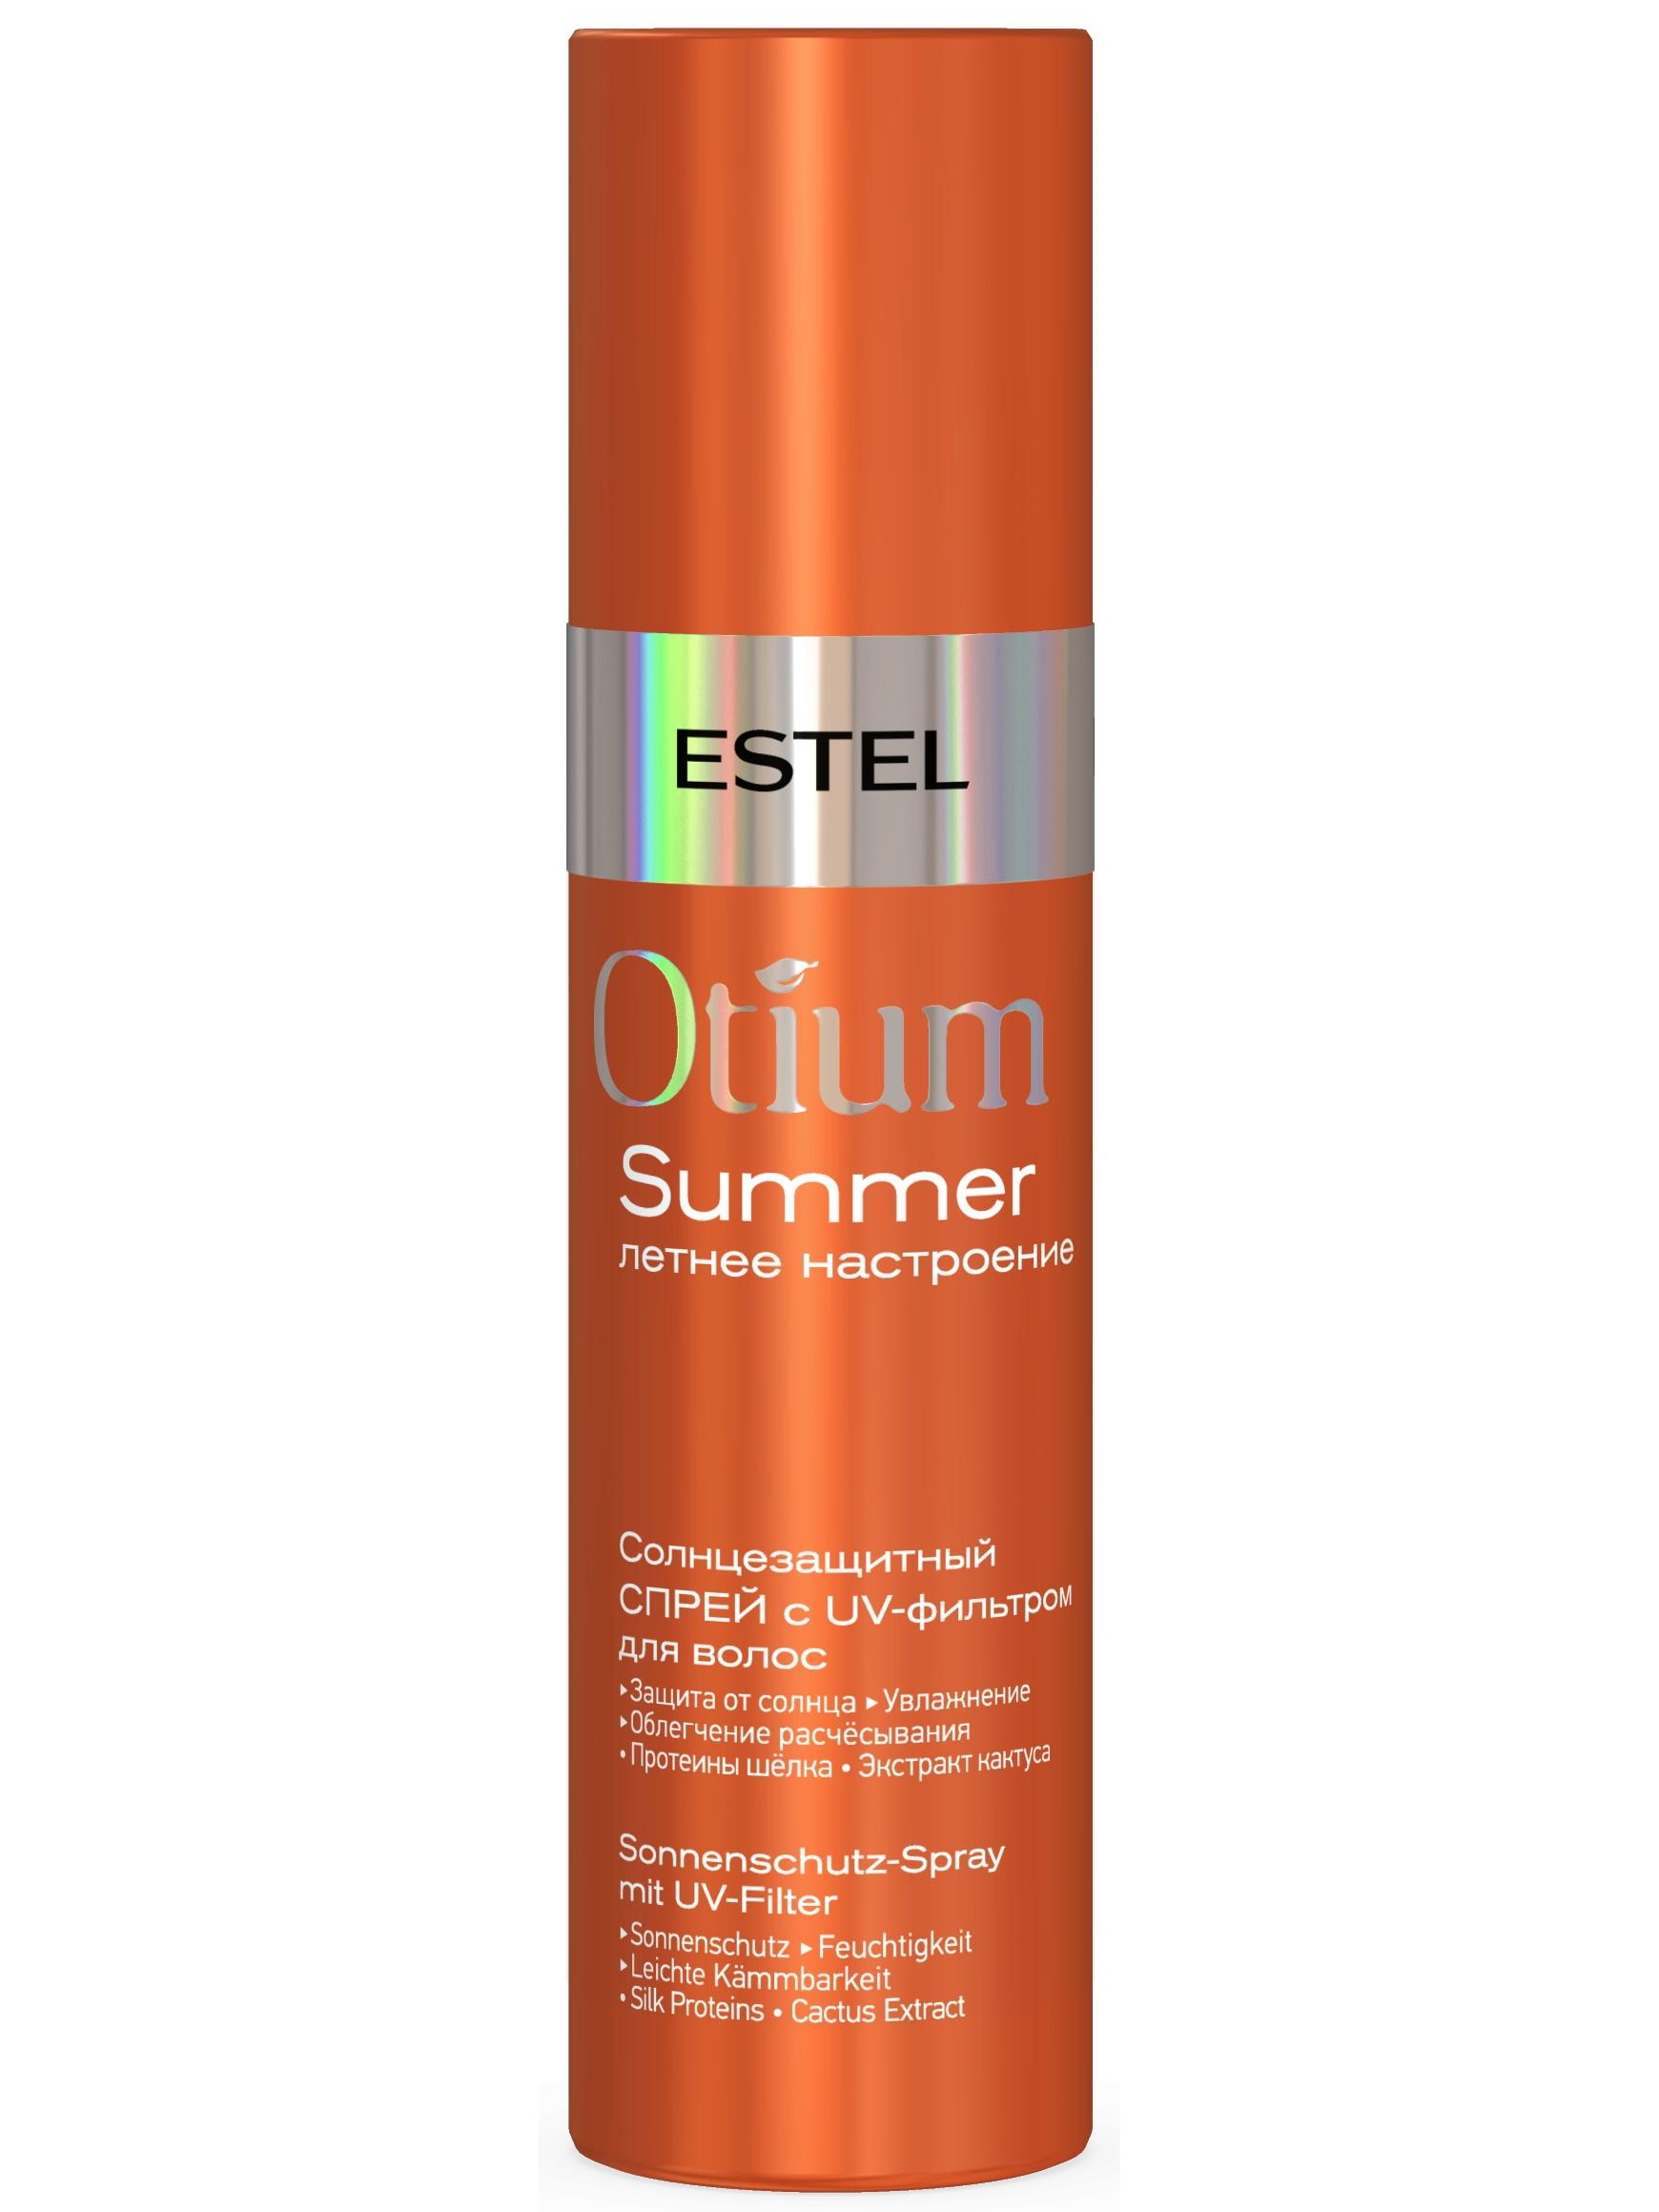 Купить Спрей OTIUM SUMMER защита от солнца ESTEL PROFESSIONAL с UV-фильтром для волос 200 мл